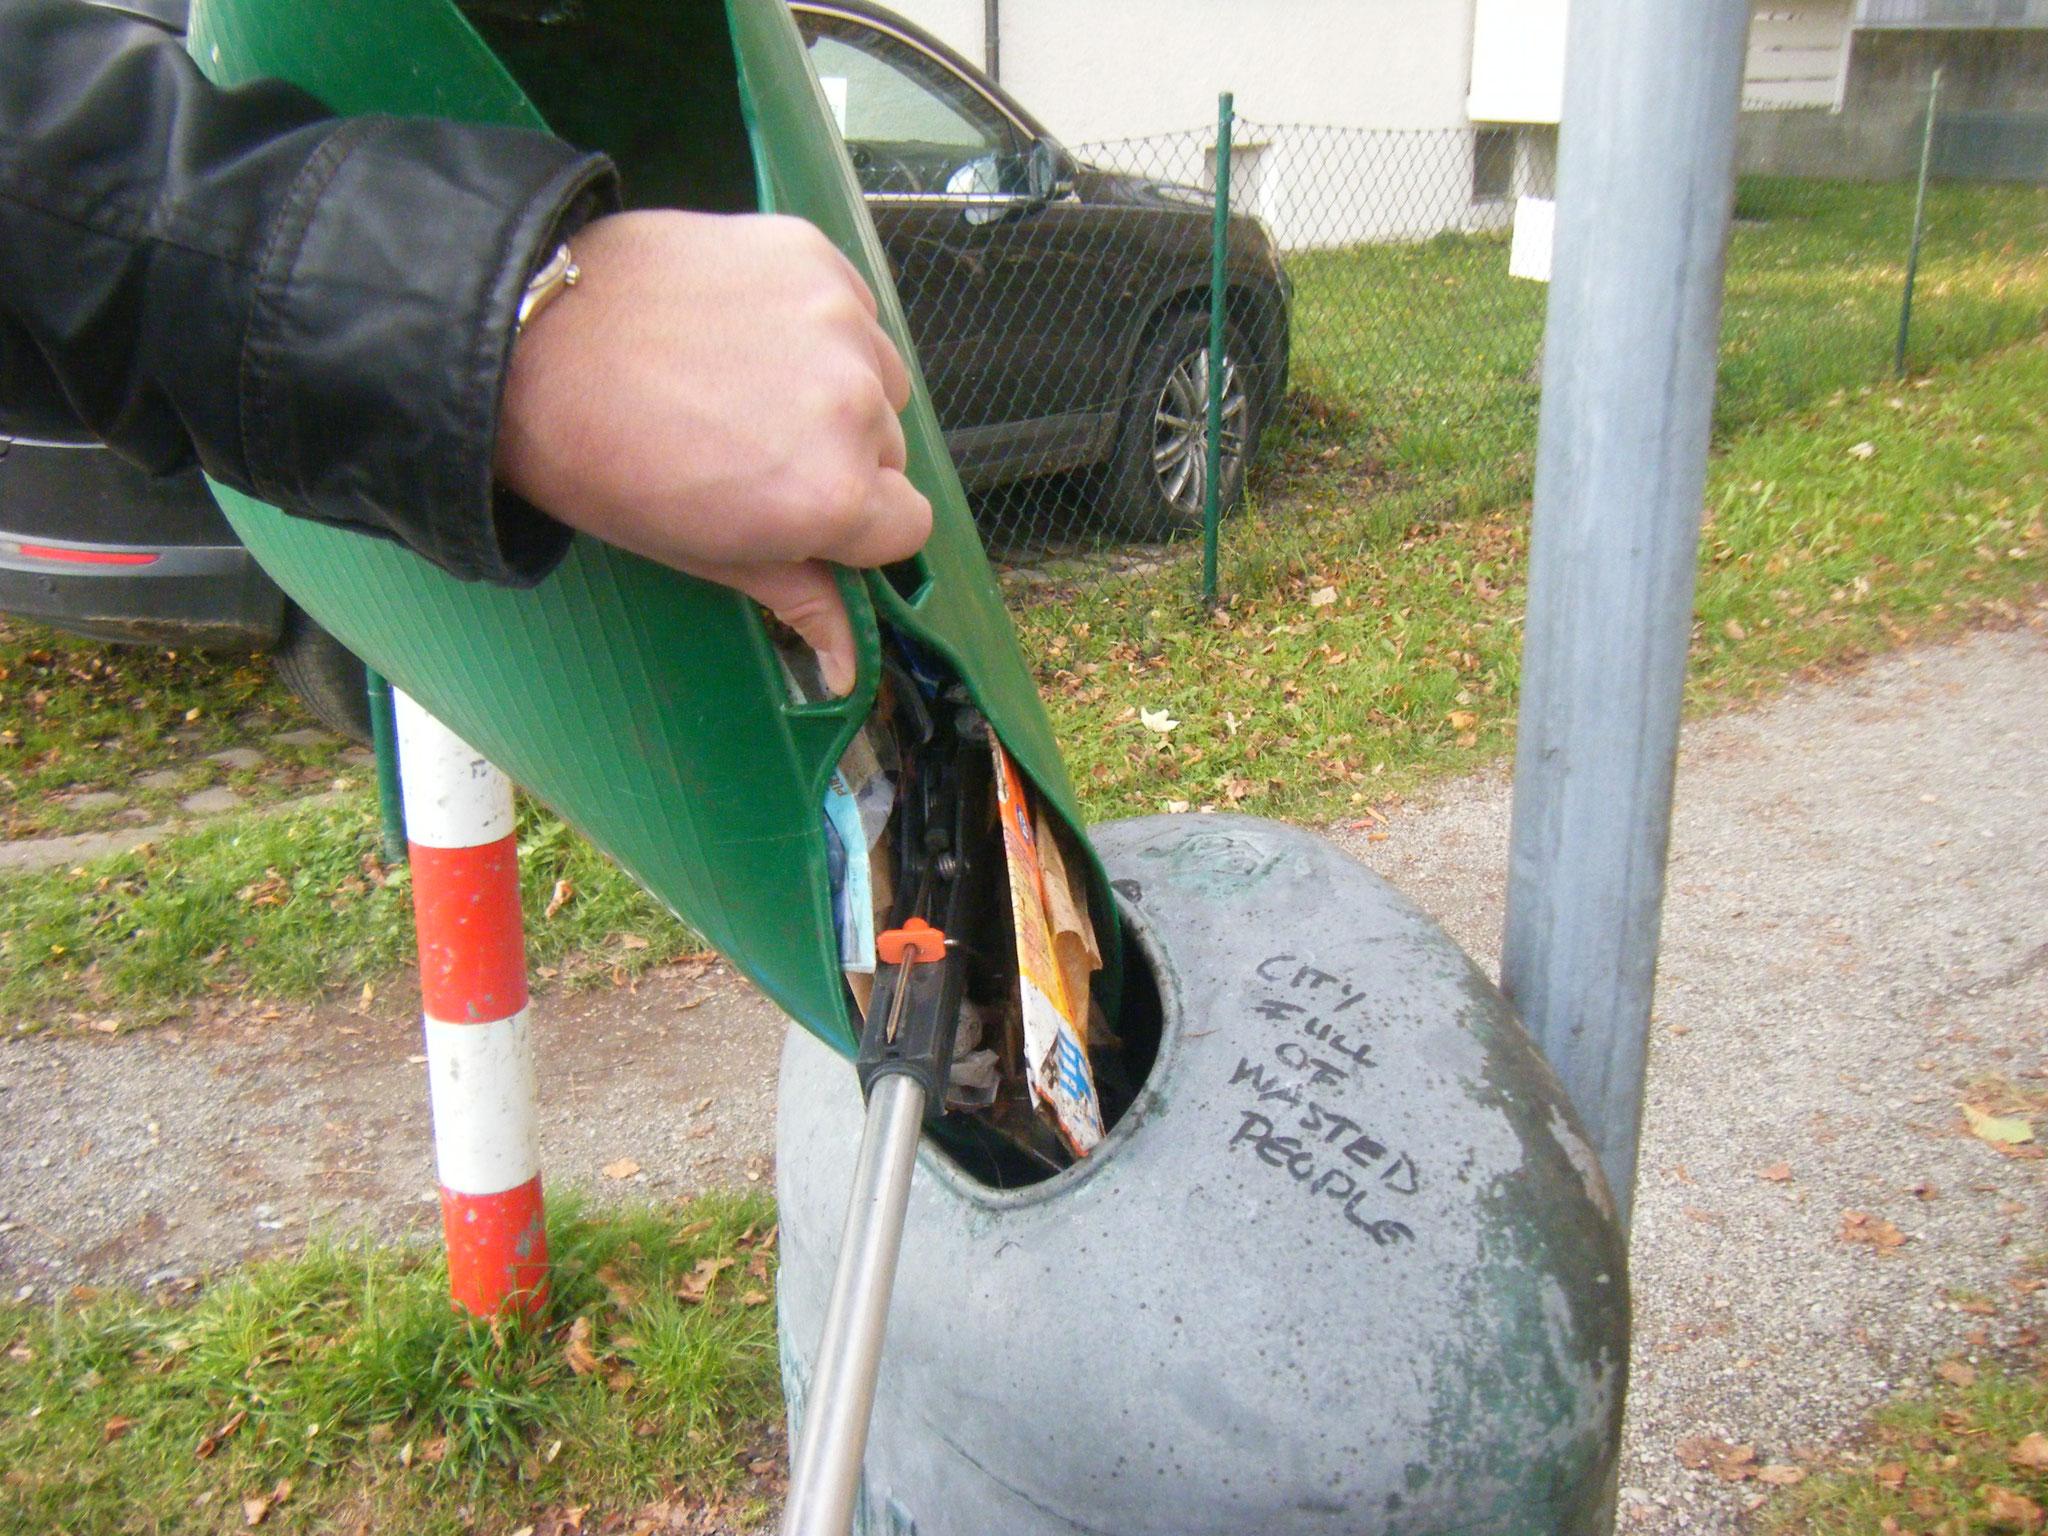 Vorteil vom Plastikkorb, man kann kleine Teile problemlos in öffentliche Mülleimer umfüllen